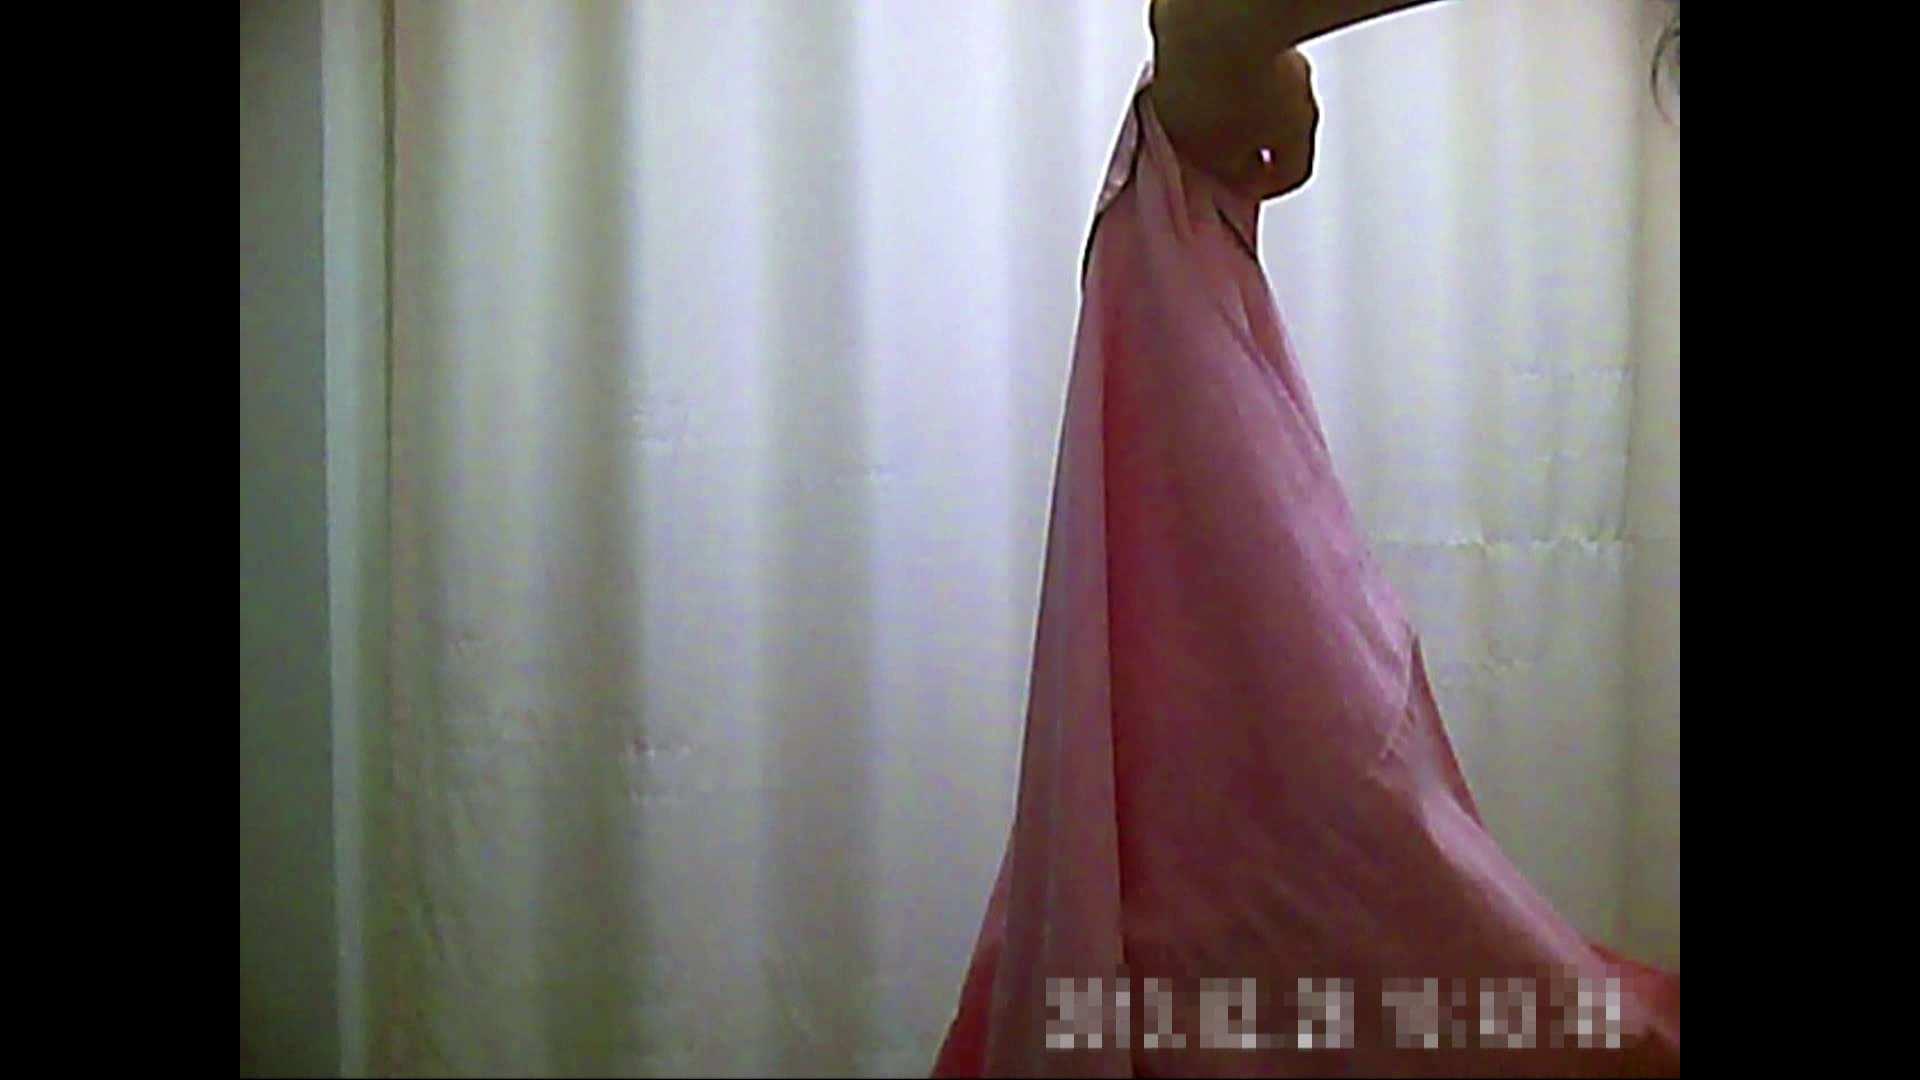 元医者による反抗 更衣室地獄絵巻 vol.103 OLハメ撮り  89Pix 26